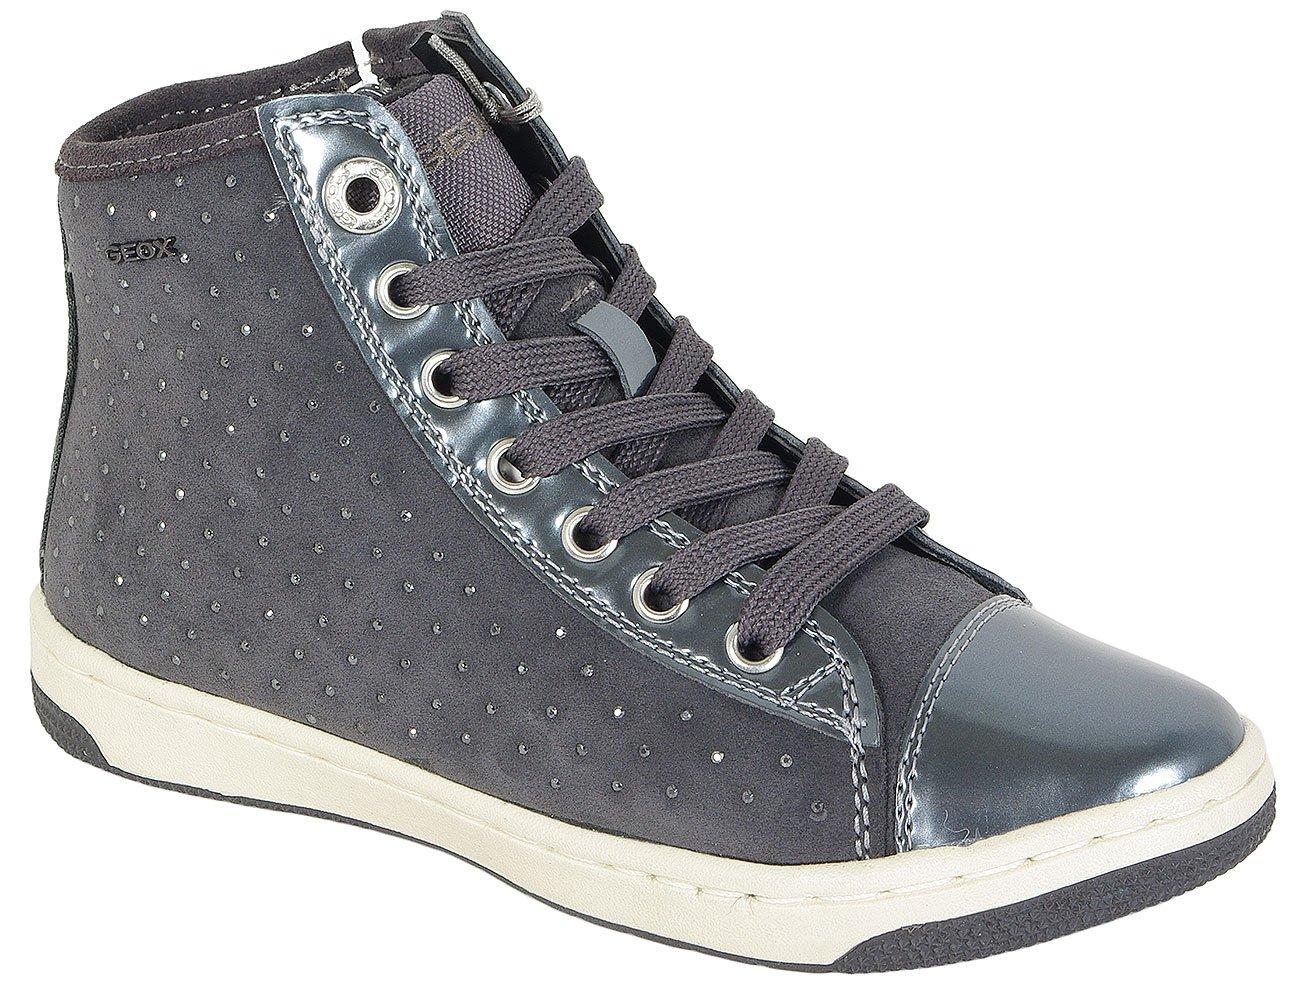 GEOX CREAMY A sneakers SUE+METAL.SYN.PAT DK GREY